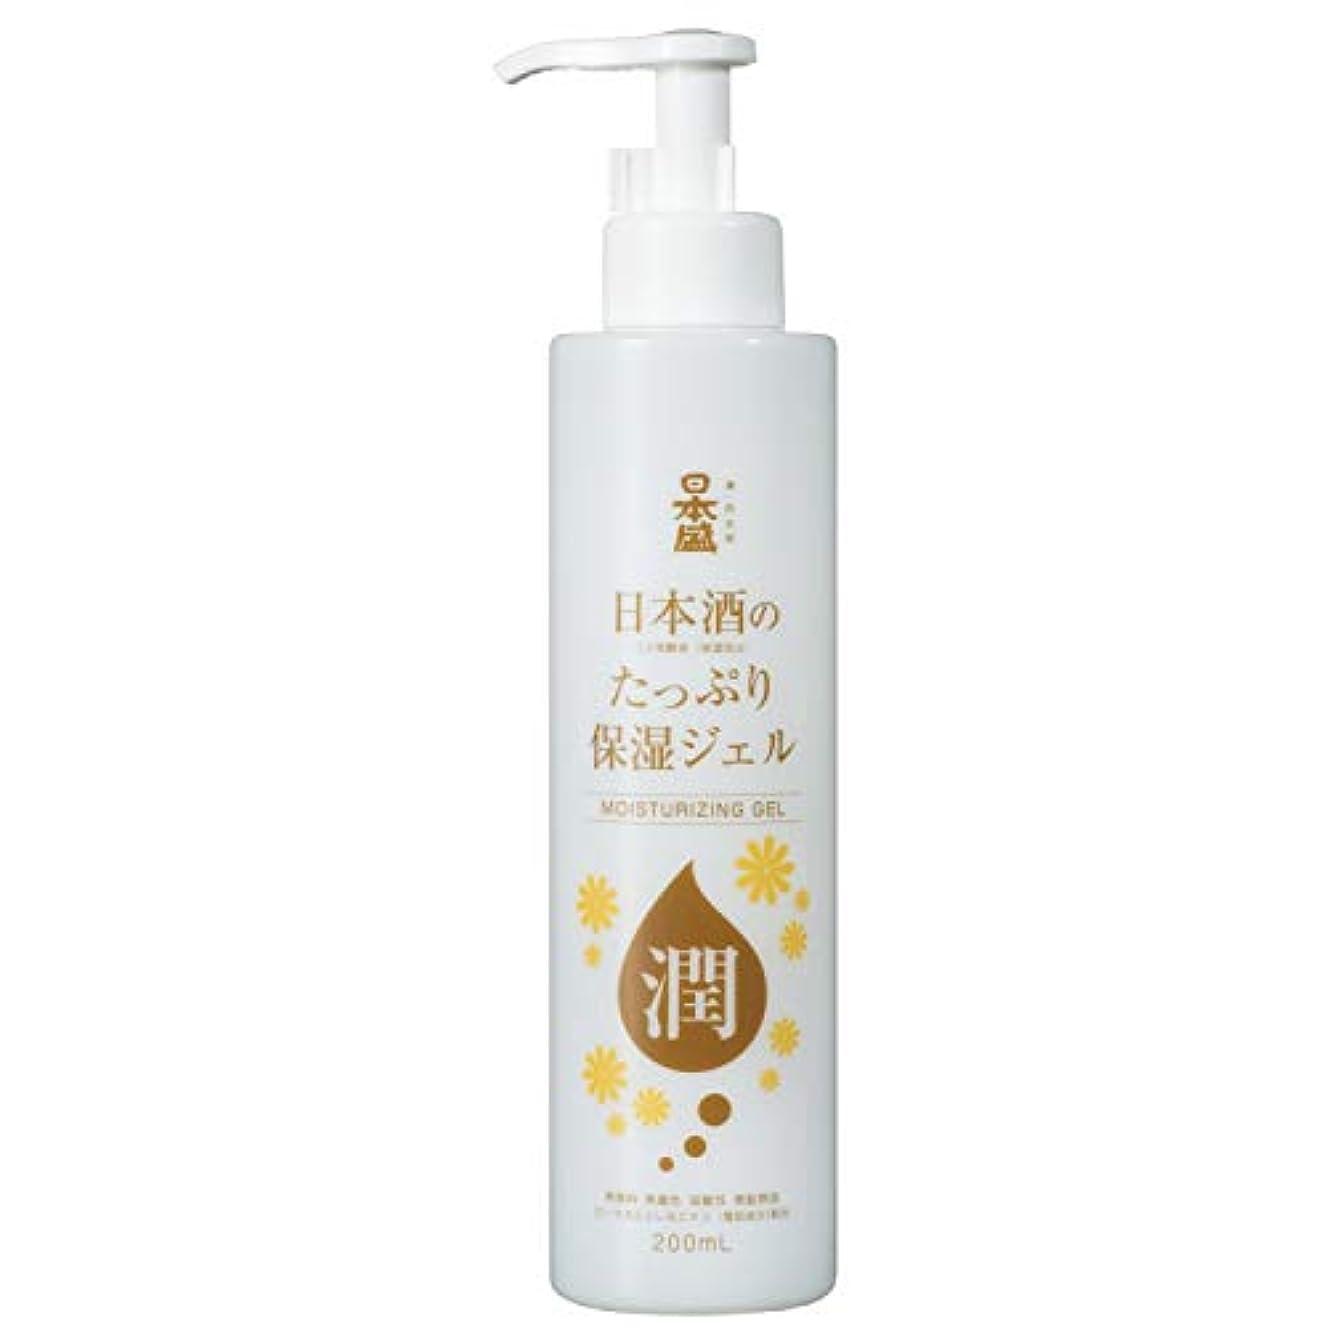 ポインタ光最大化する日本盛 日本酒のたっぷり保湿ジェル 200ml (無香料 無着色 純米酒)